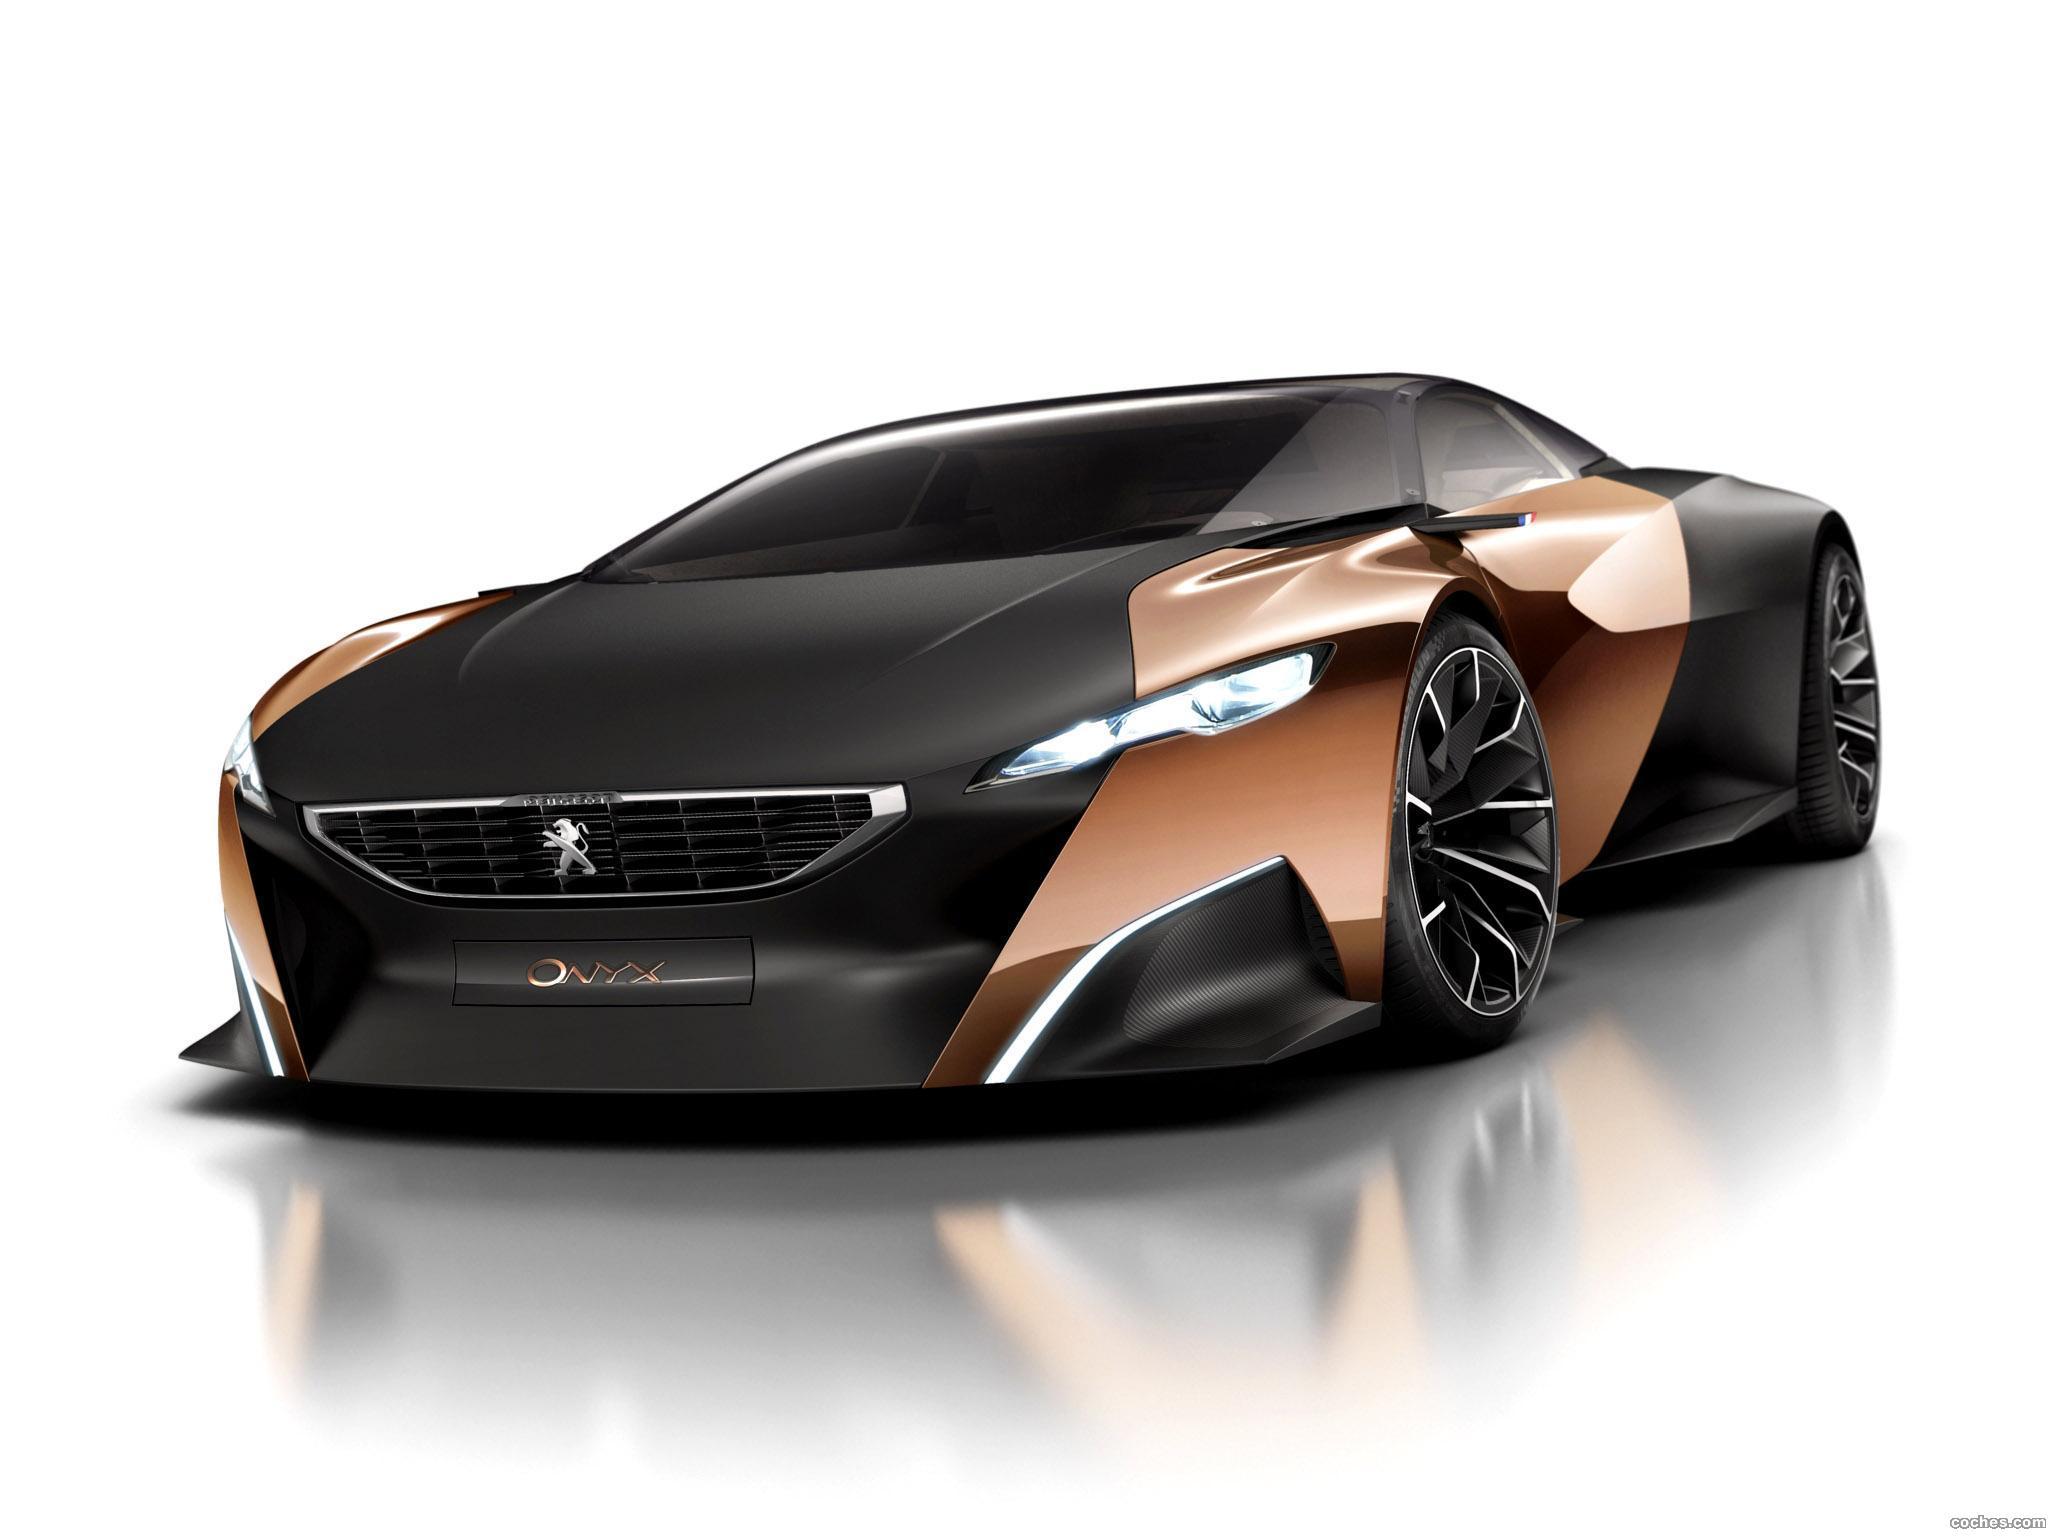 Foto 0 de Peugeot Onyx Concept 2012